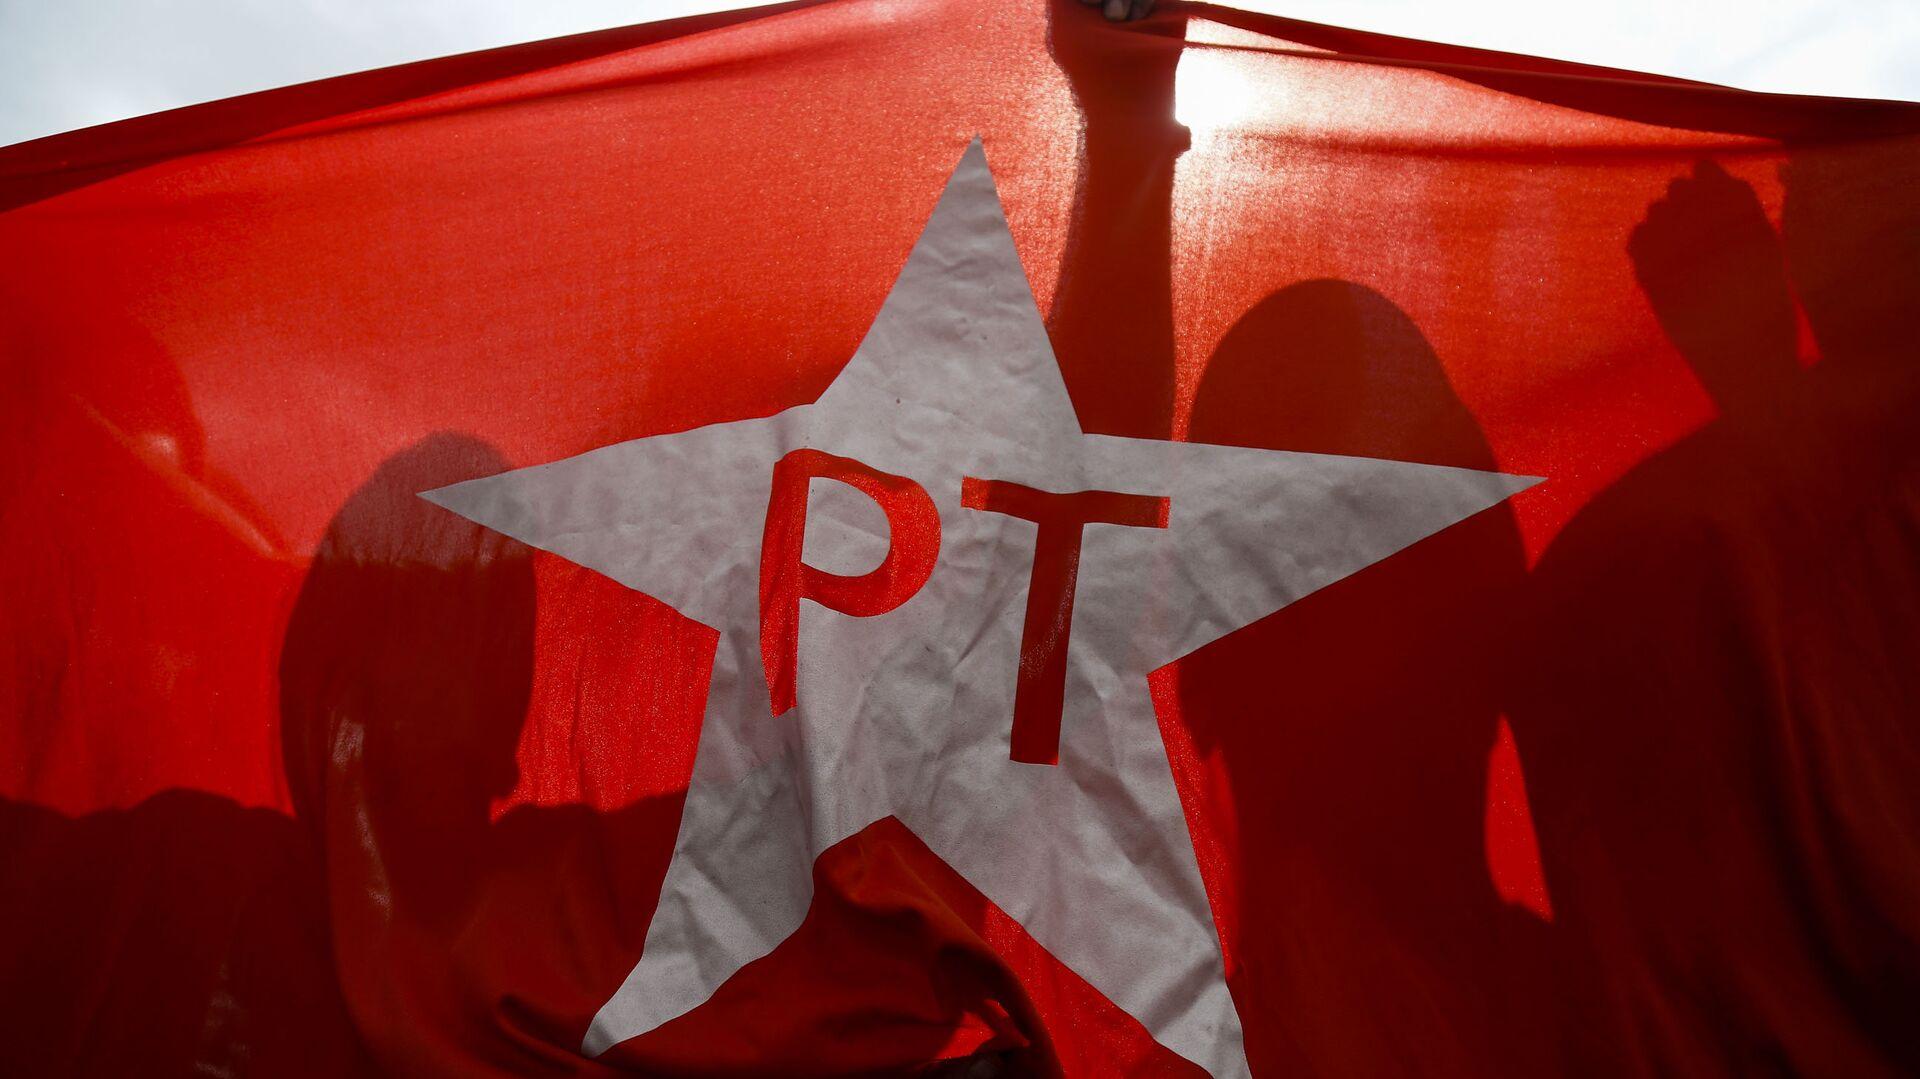 Bandera del Partido de los Trabajadores - Sputnik Mundo, 1920, 07.09.2021